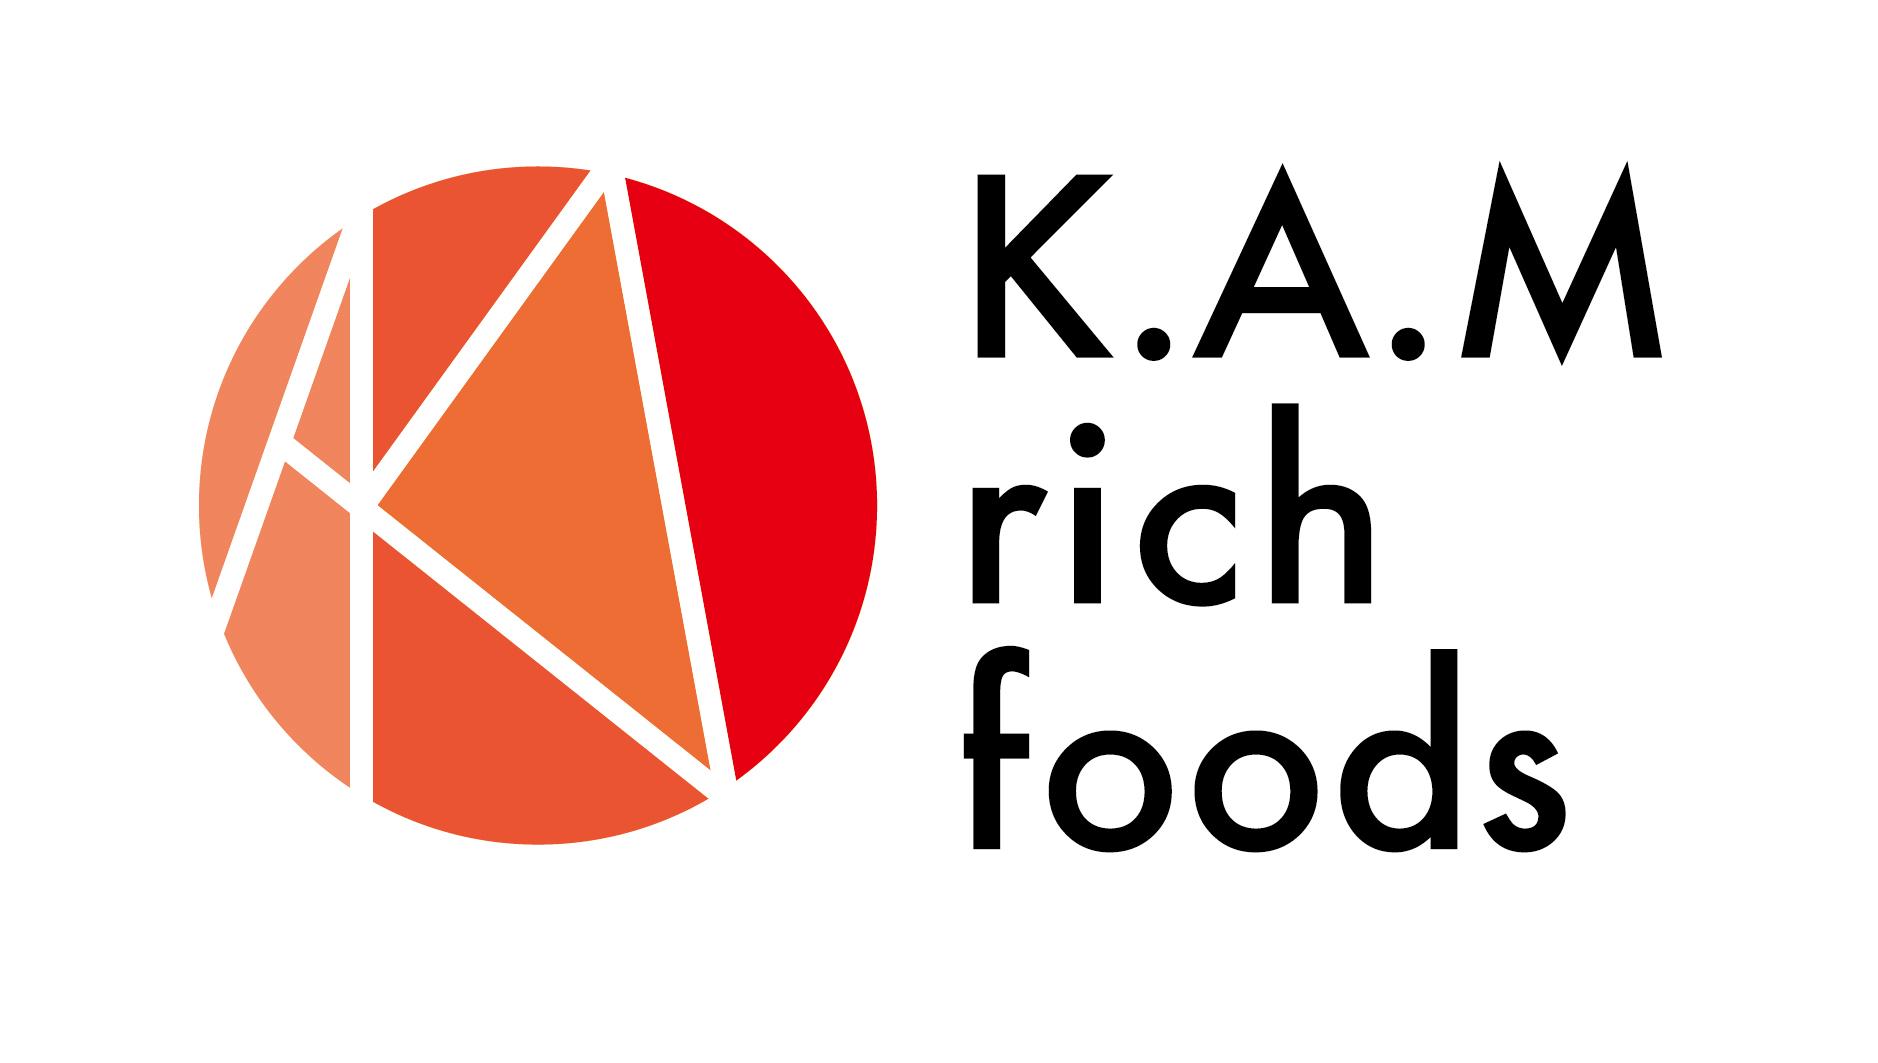 豊かな食で北海道 宗谷 の活性化に貢献 k a m rich foods と 宗谷